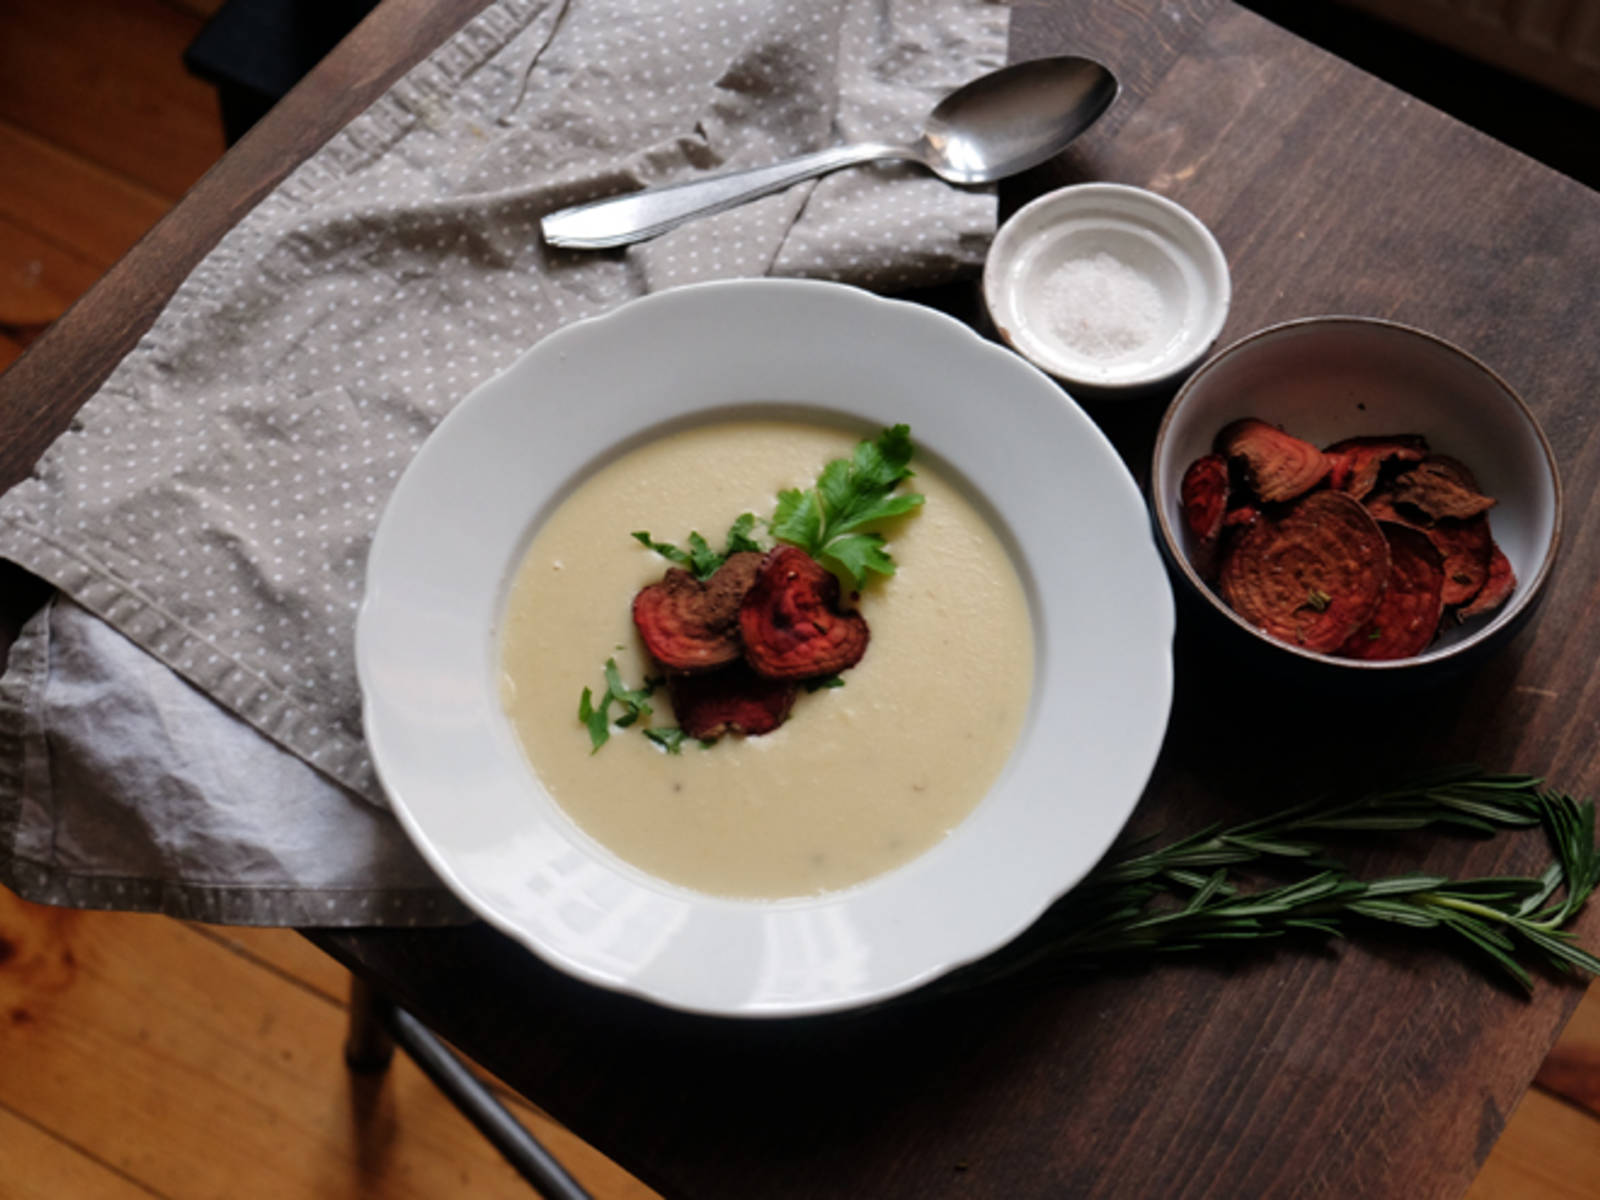 In vorgewärmten Tellern anrichten und mit gehackter Petersilie und den Rote Bete Chips garnieren.